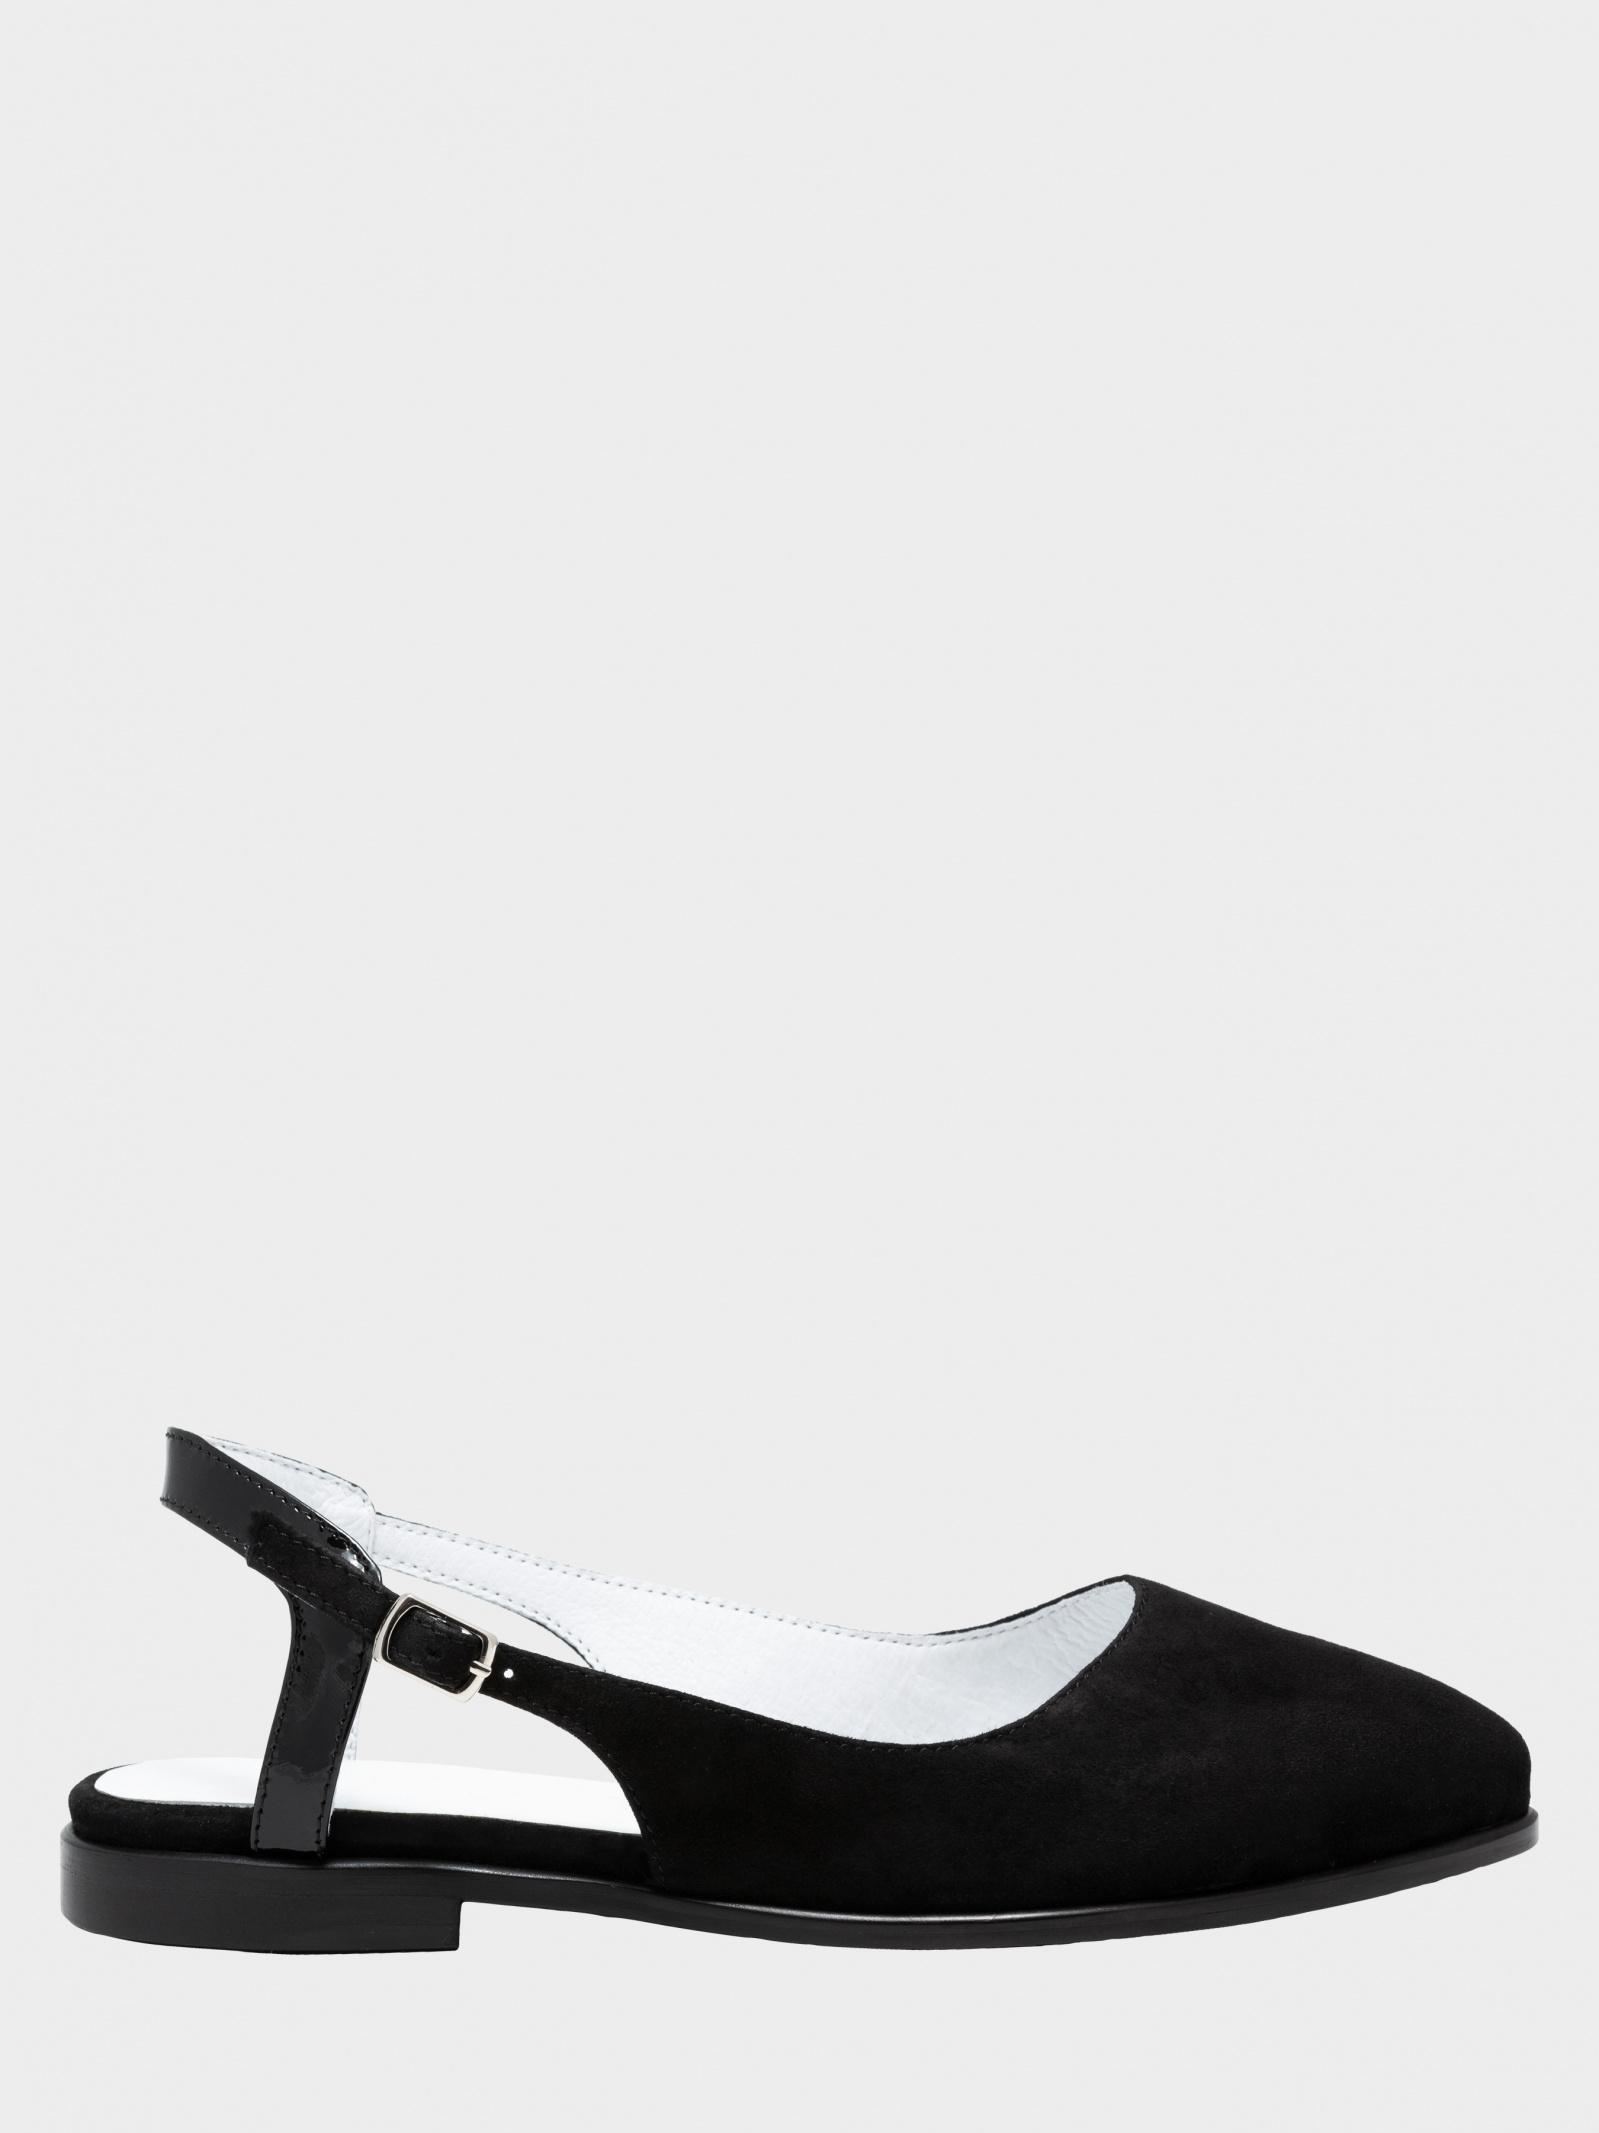 Босоніжки  жіночі Enzo Verratti 18-1383-3b розміри взуття, 2017